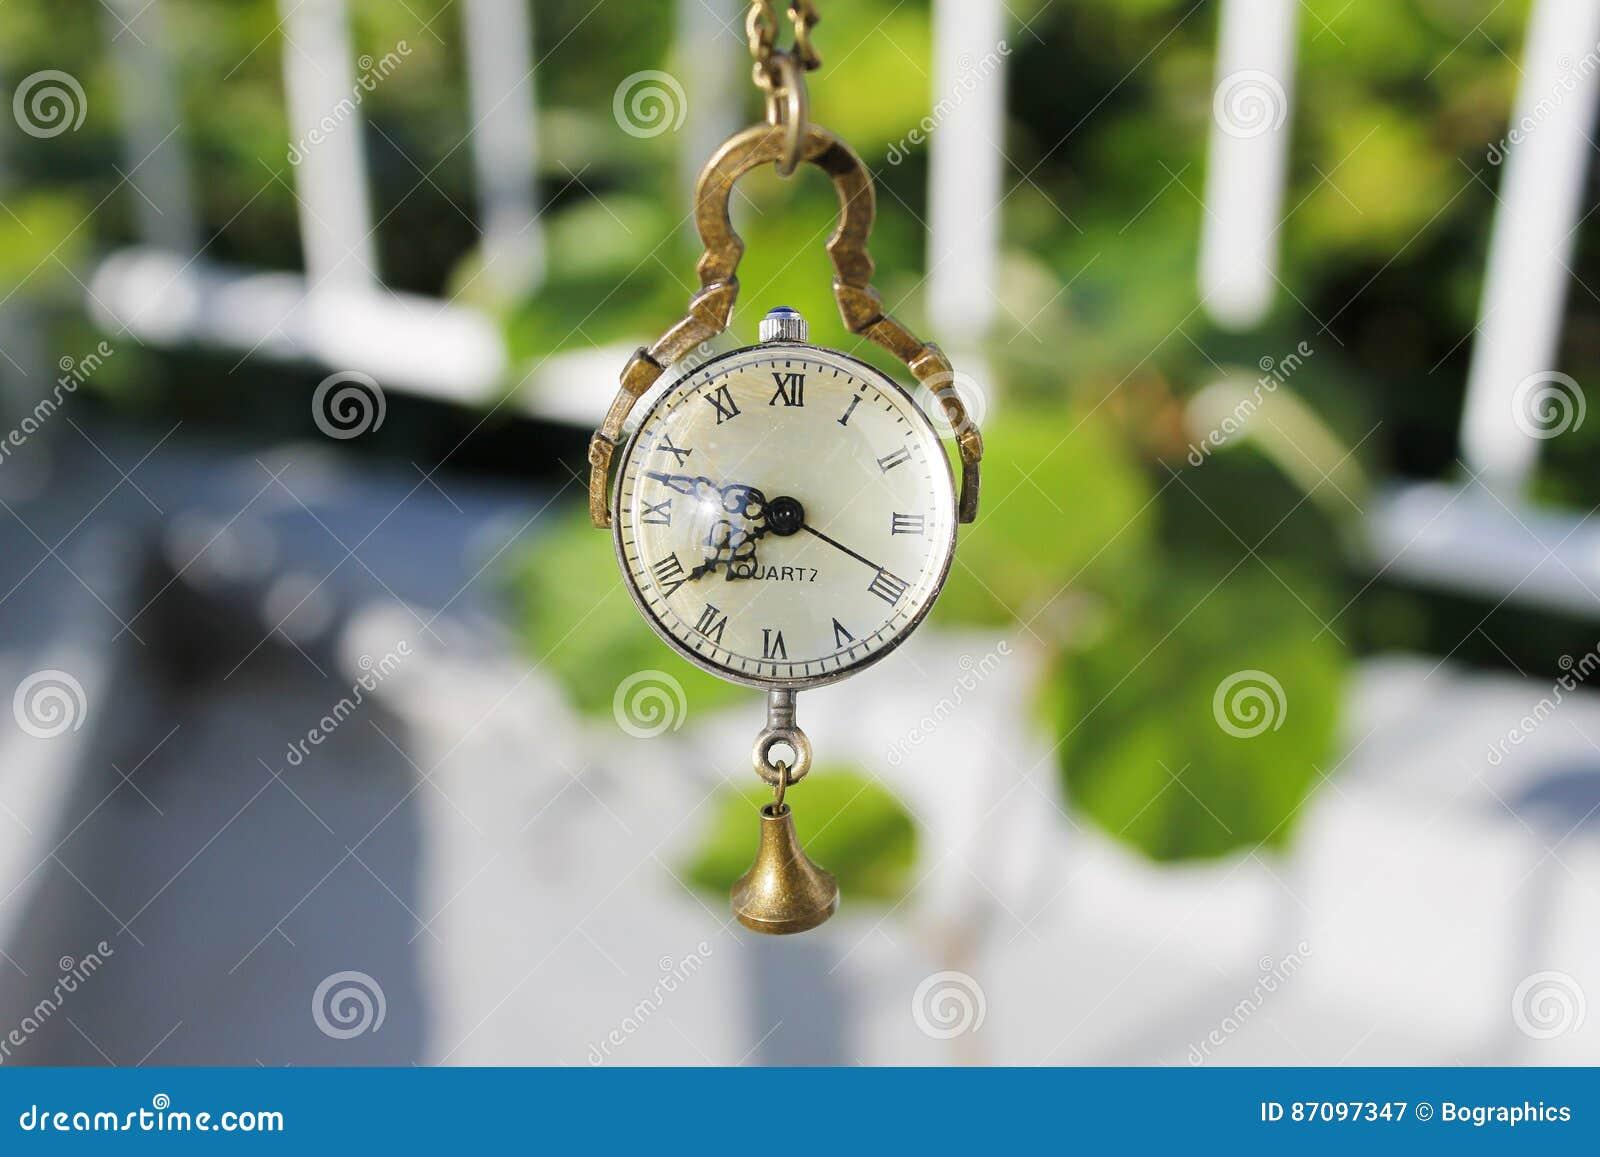 Vintage necklace watch quartz clock